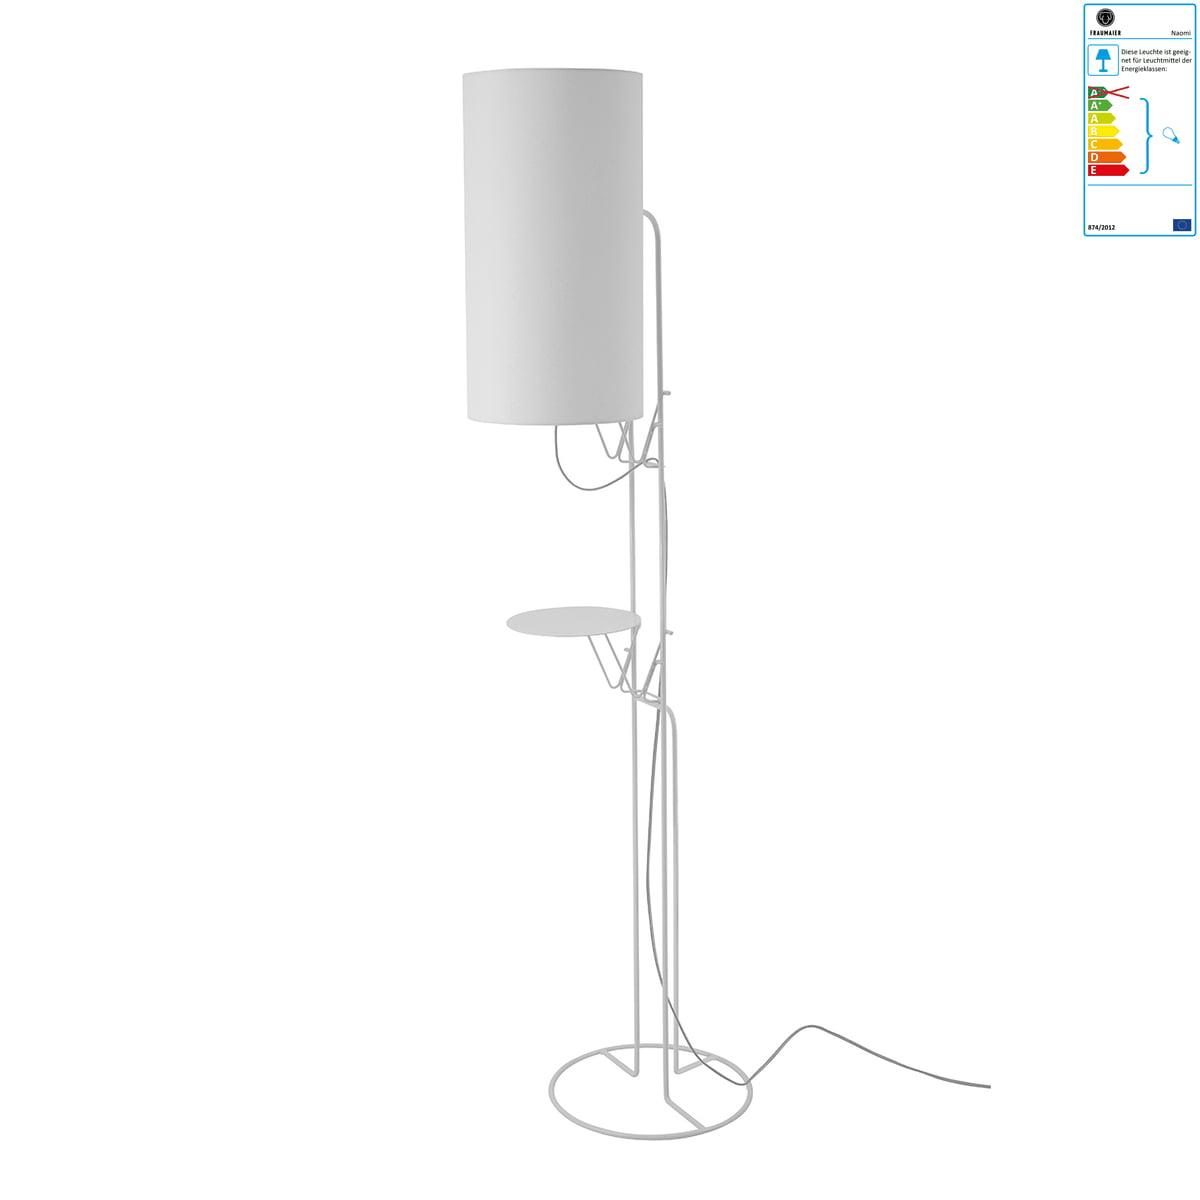 frauMaier - Naomi Stehleuchte, LED-Dimmer, weiß (RAL 9016) | Baumarkt > Elektroinstallation > Dimmer | fraumaier